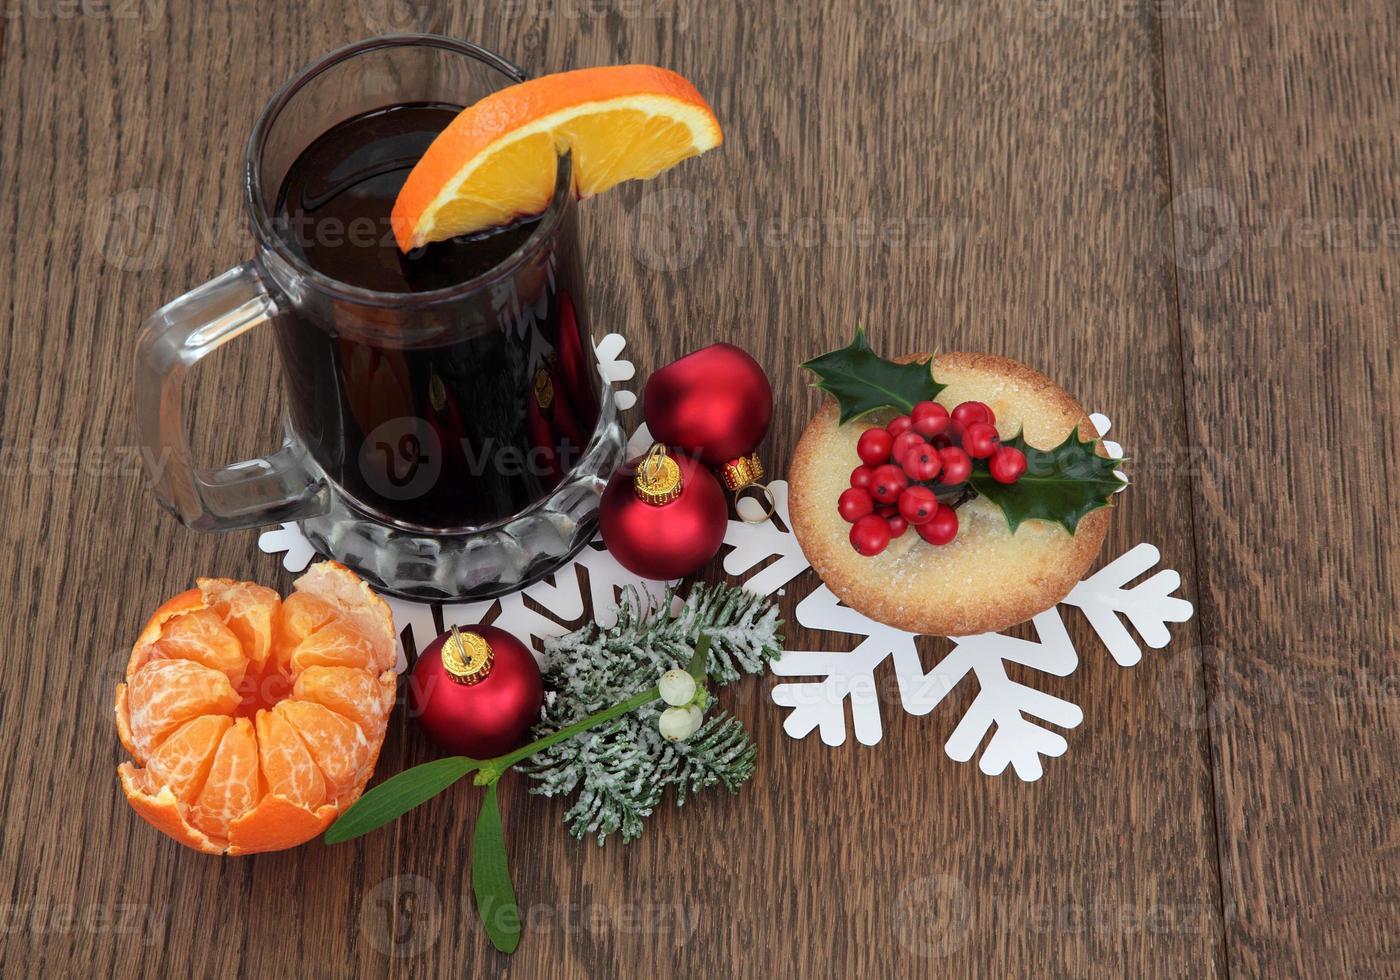 cibi e bevande di Natale foto